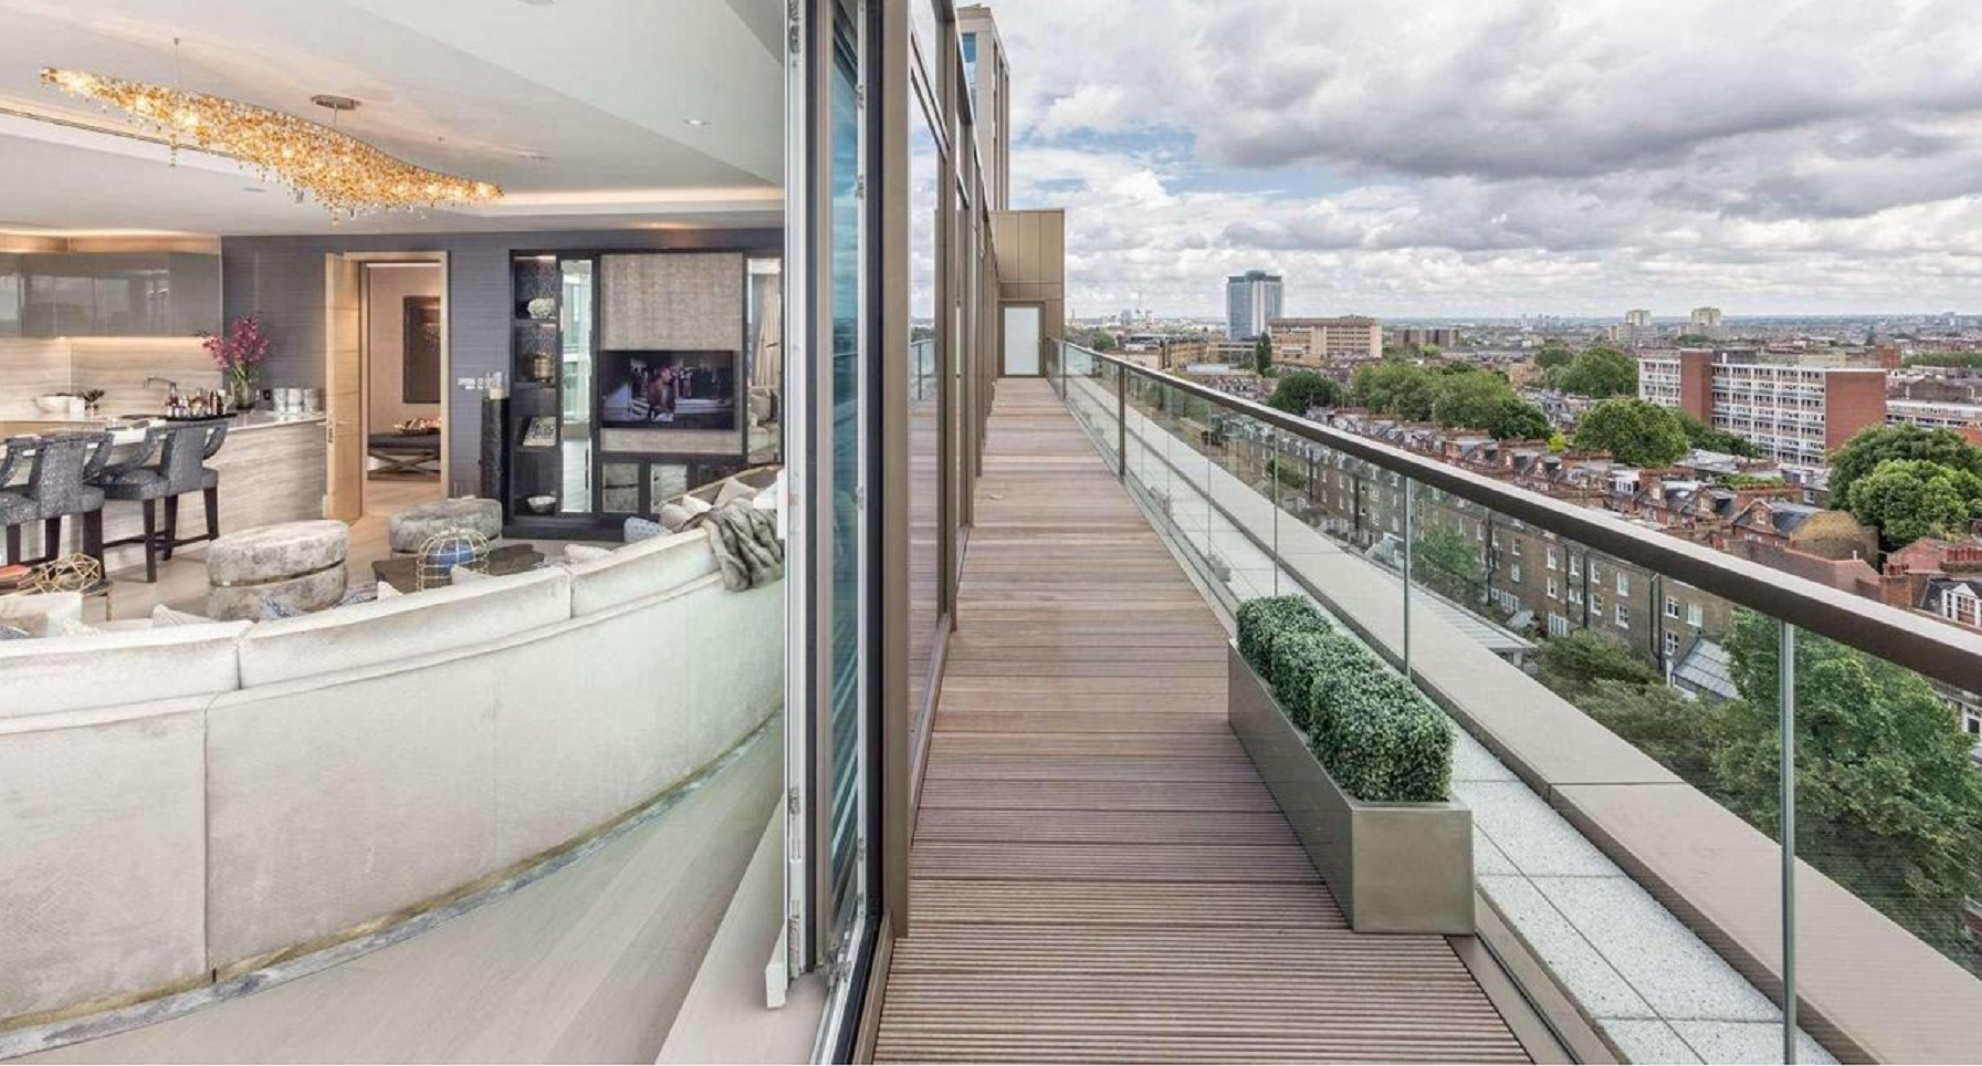 Se ubican en un área donde los precios de los pisos oscilan entre el 1,5 millón de libras hasta los 8,5 millones de libras (entre 1,45 y 10,7 millones de dólares) (berkeleygroup.co.uk)